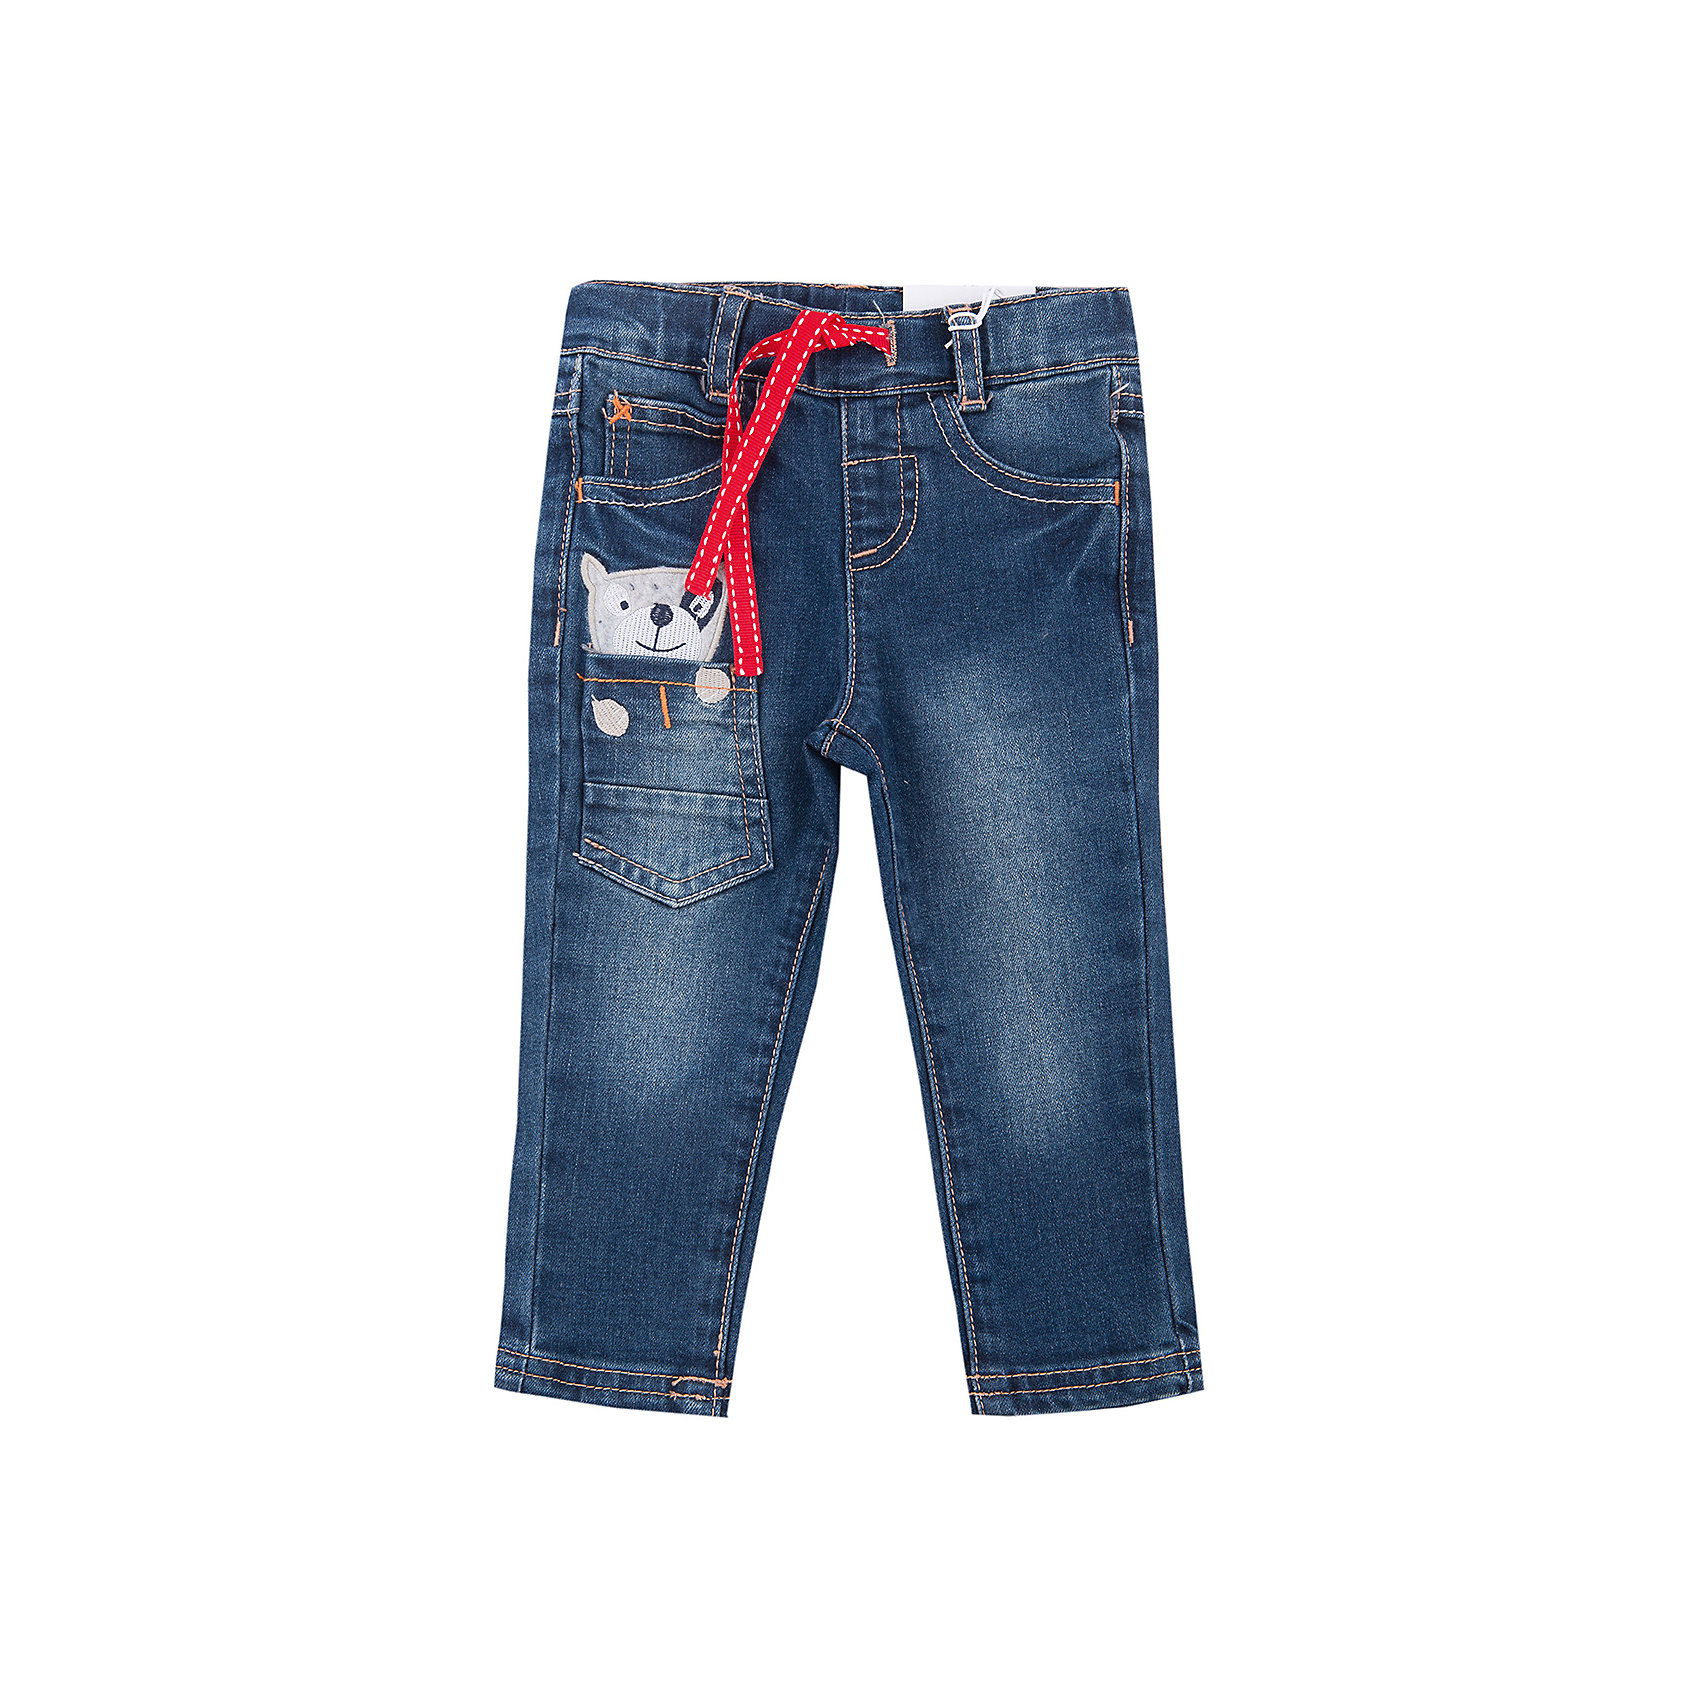 Брюки для мальчика PlayTodayБрюки для мальчика от известного бренда PlayToday.<br>Стильные джинсы с модными потертостями. Классическая пятикарманка + 1 кармашек, украшенный забавной вышивкой, будто из него выглядывает маленькая собачка. Пояс на резинке, дополнительно регулируется шнурком, есть шлевки для ремня.<br>Состав:<br>75% хлопок, 23% полиэстер, 2% эластан<br><br>Ширина мм: 157<br>Глубина мм: 13<br>Высота мм: 119<br>Вес г: 200<br>Цвет: синий<br>Возраст от месяцев: 6<br>Возраст до месяцев: 9<br>Пол: Мужской<br>Возраст: Детский<br>Размер: 92,74,80,86<br>SKU: 4900941